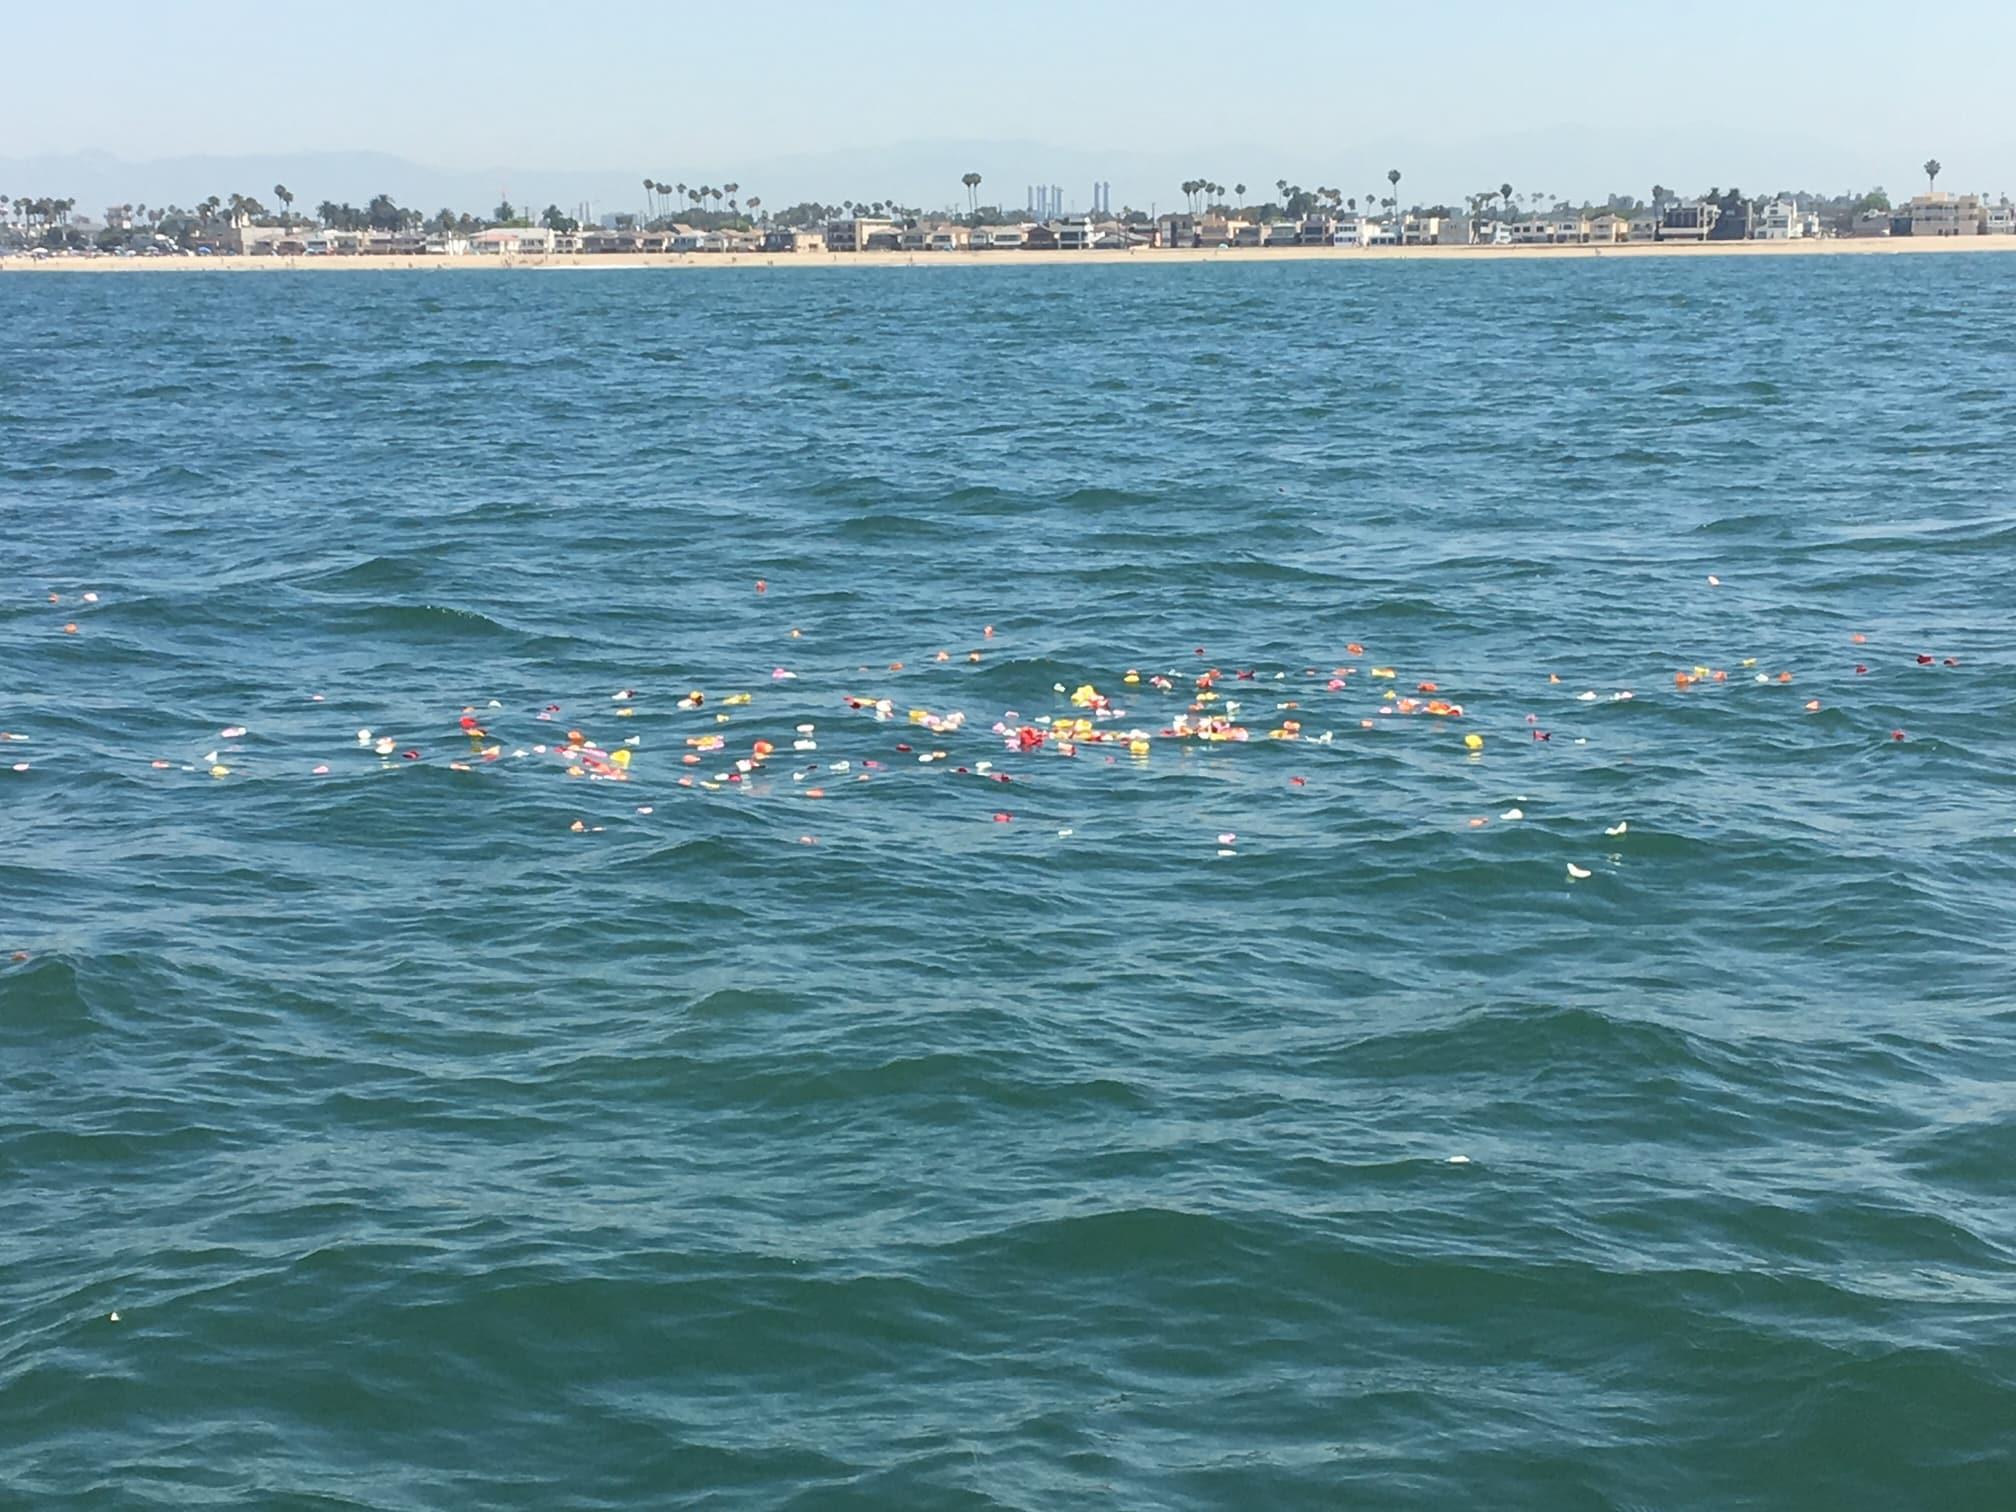 roses, long beach, California, coast, burial at sea